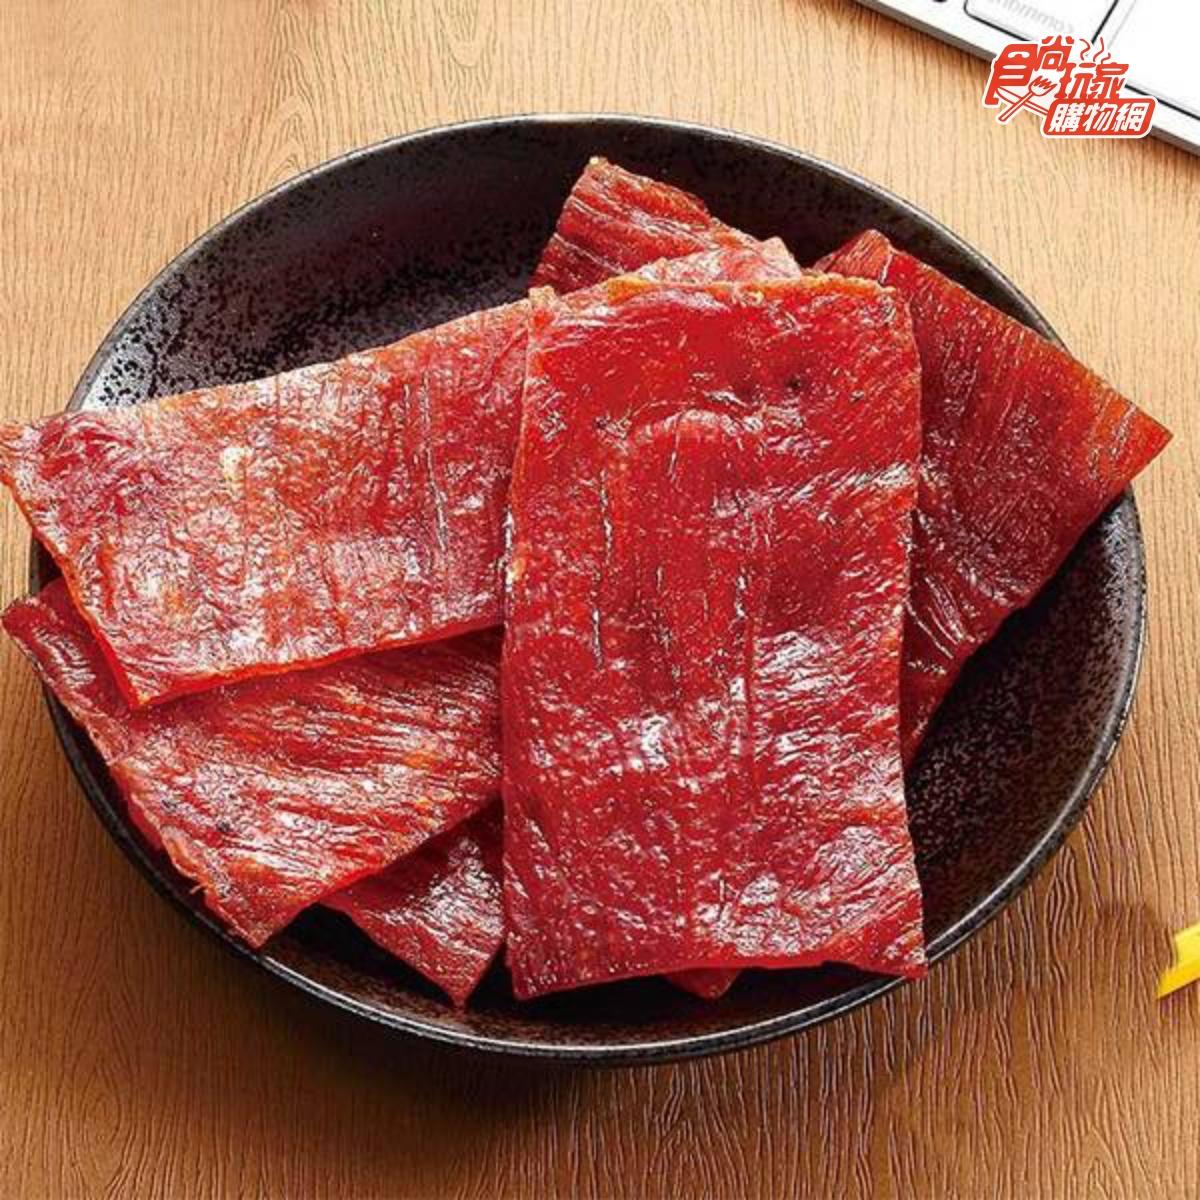 在家吃遍各地名產!5款人氣宅配伴手禮:台北流沙鳳凰酥、彰化爆汁肉乾、台東醬心蛋捲